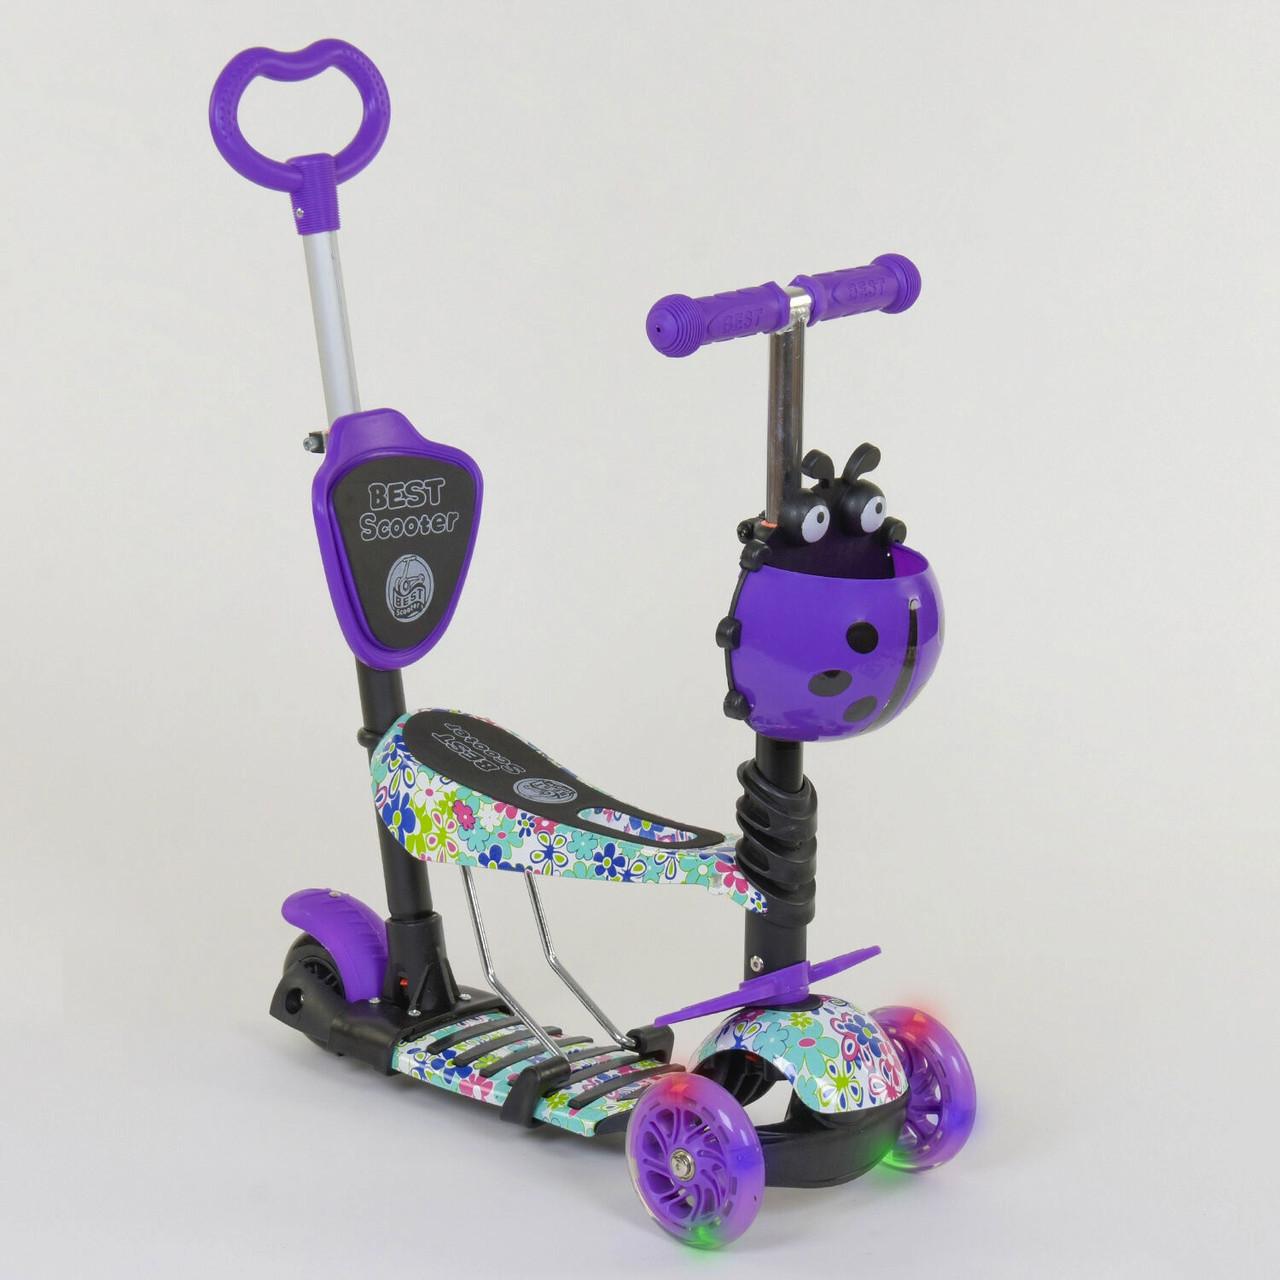 Самокат Best Scooter 5в1 68995 Абстракция